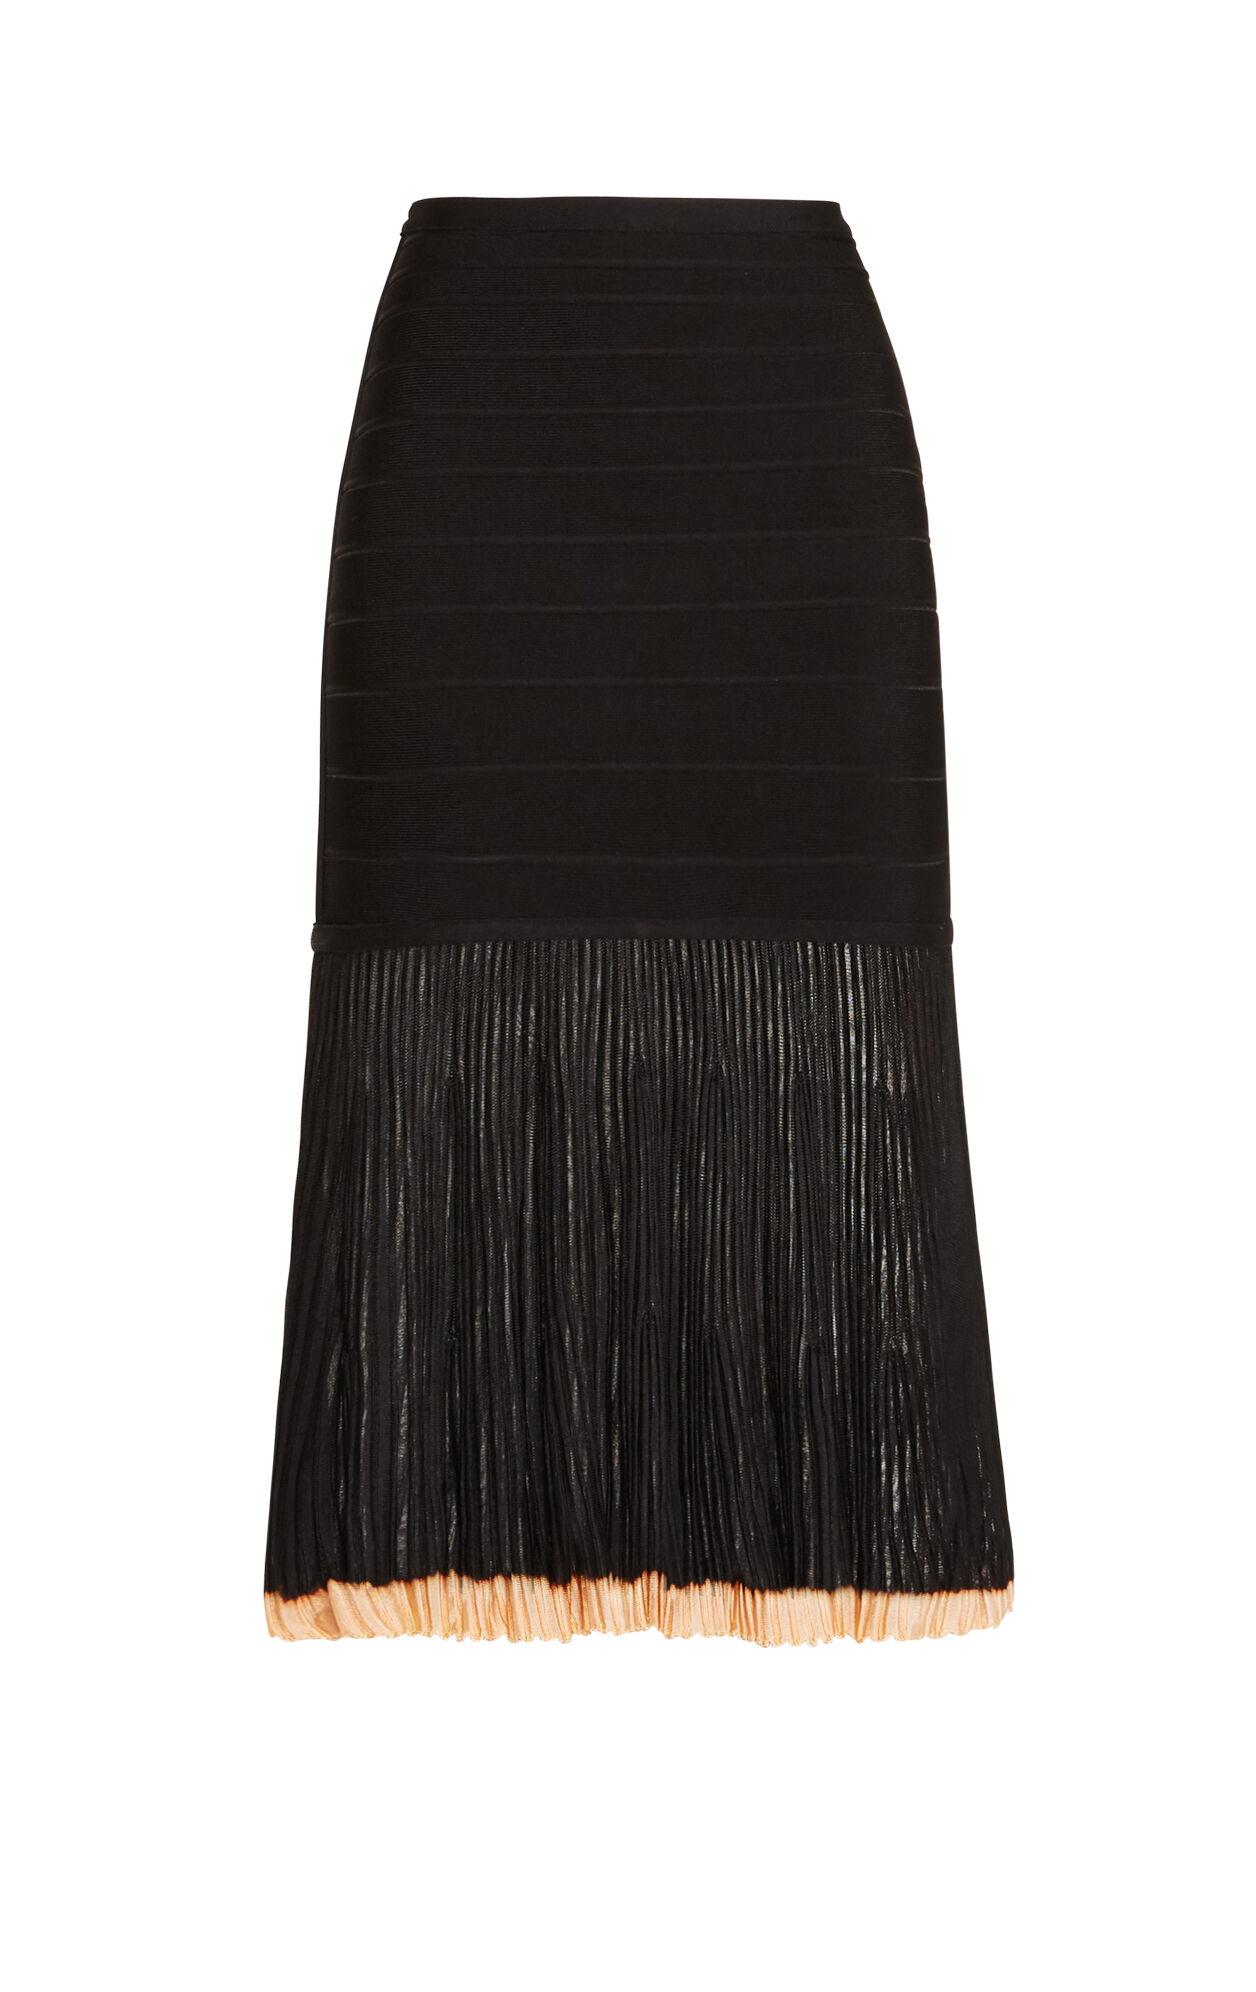 Dilia Pointelle Trimmed Skirt